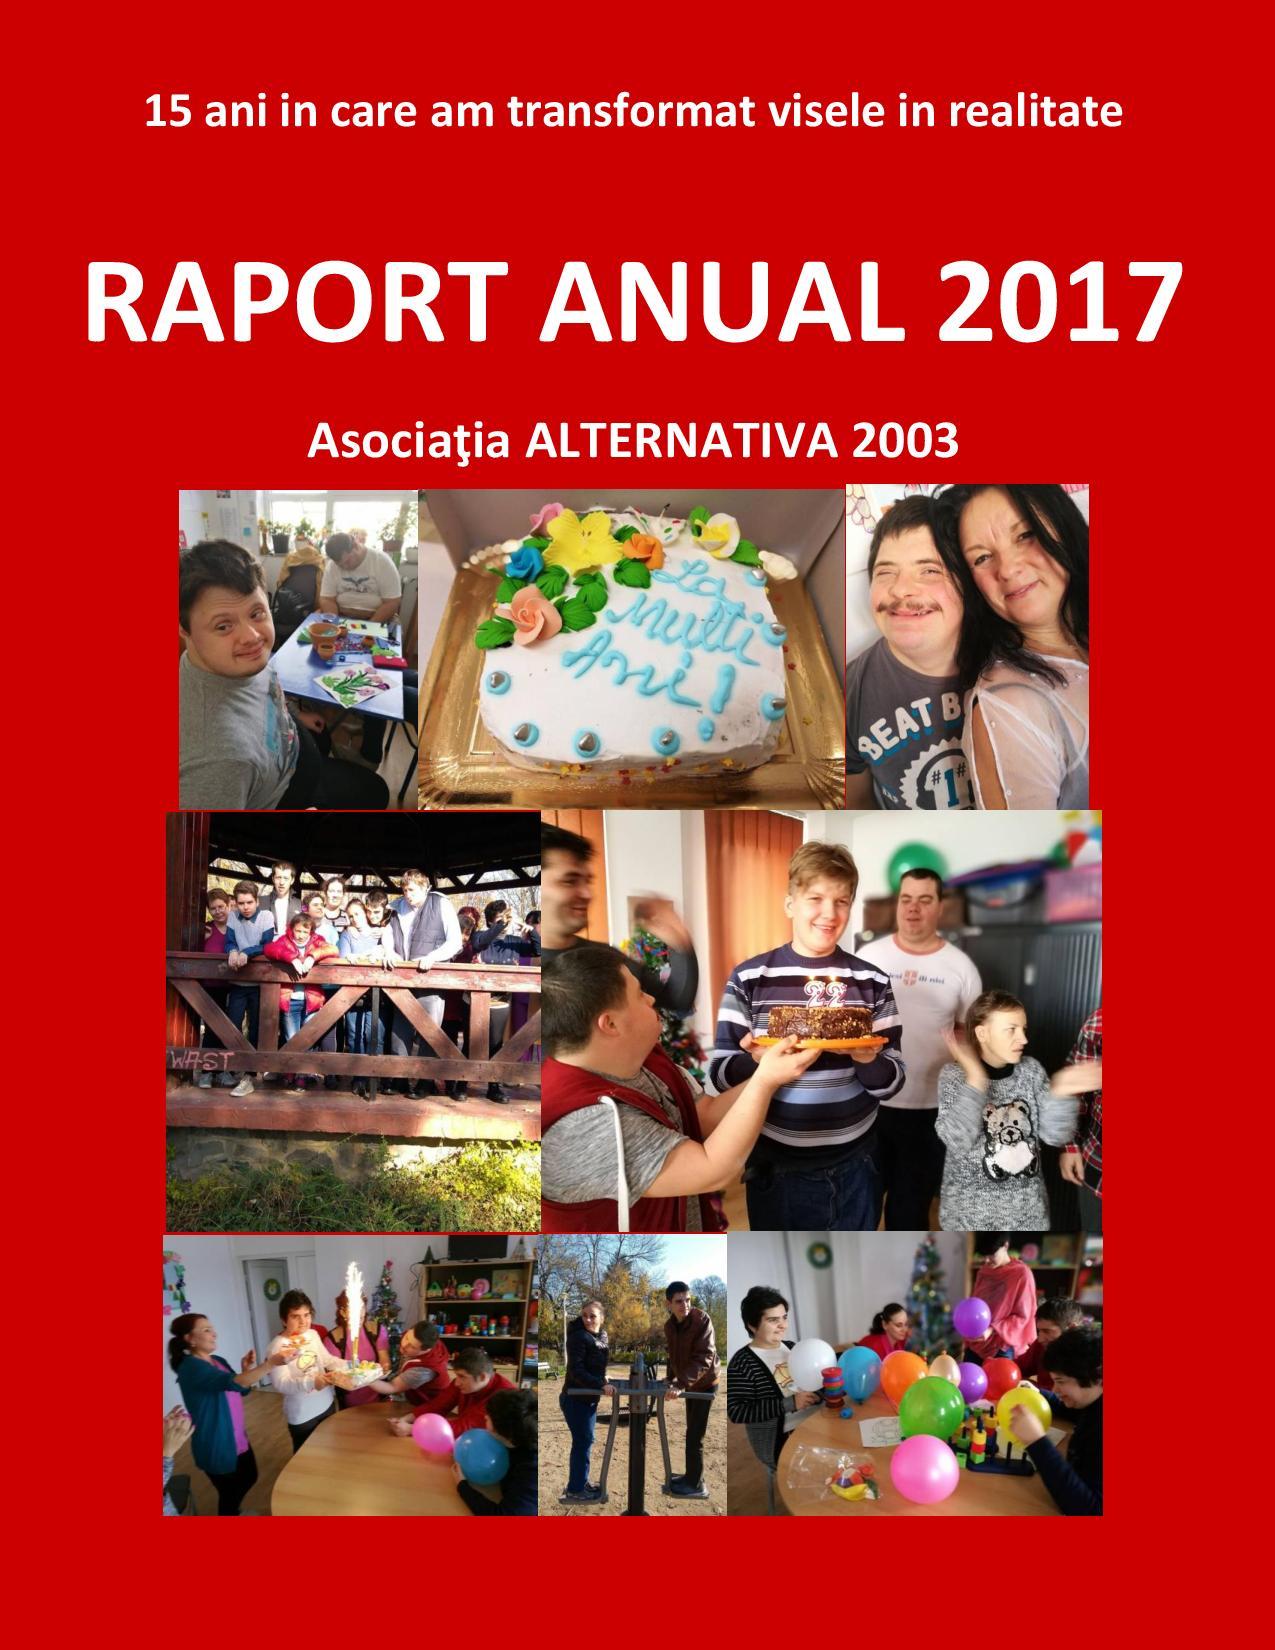 RAPORT ANUAL 2017 pag 1